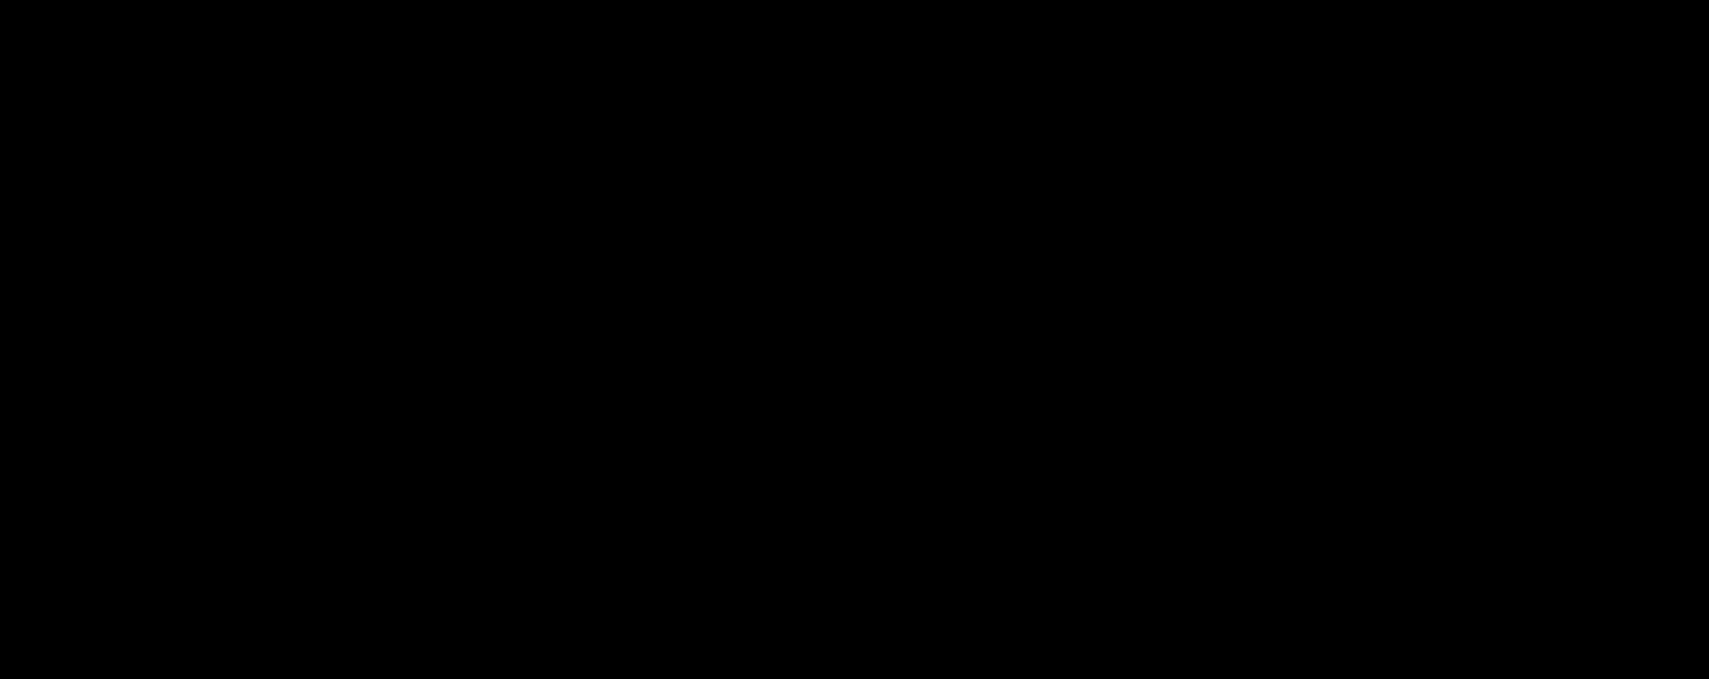 Logo Dorier noir sur fond transparent